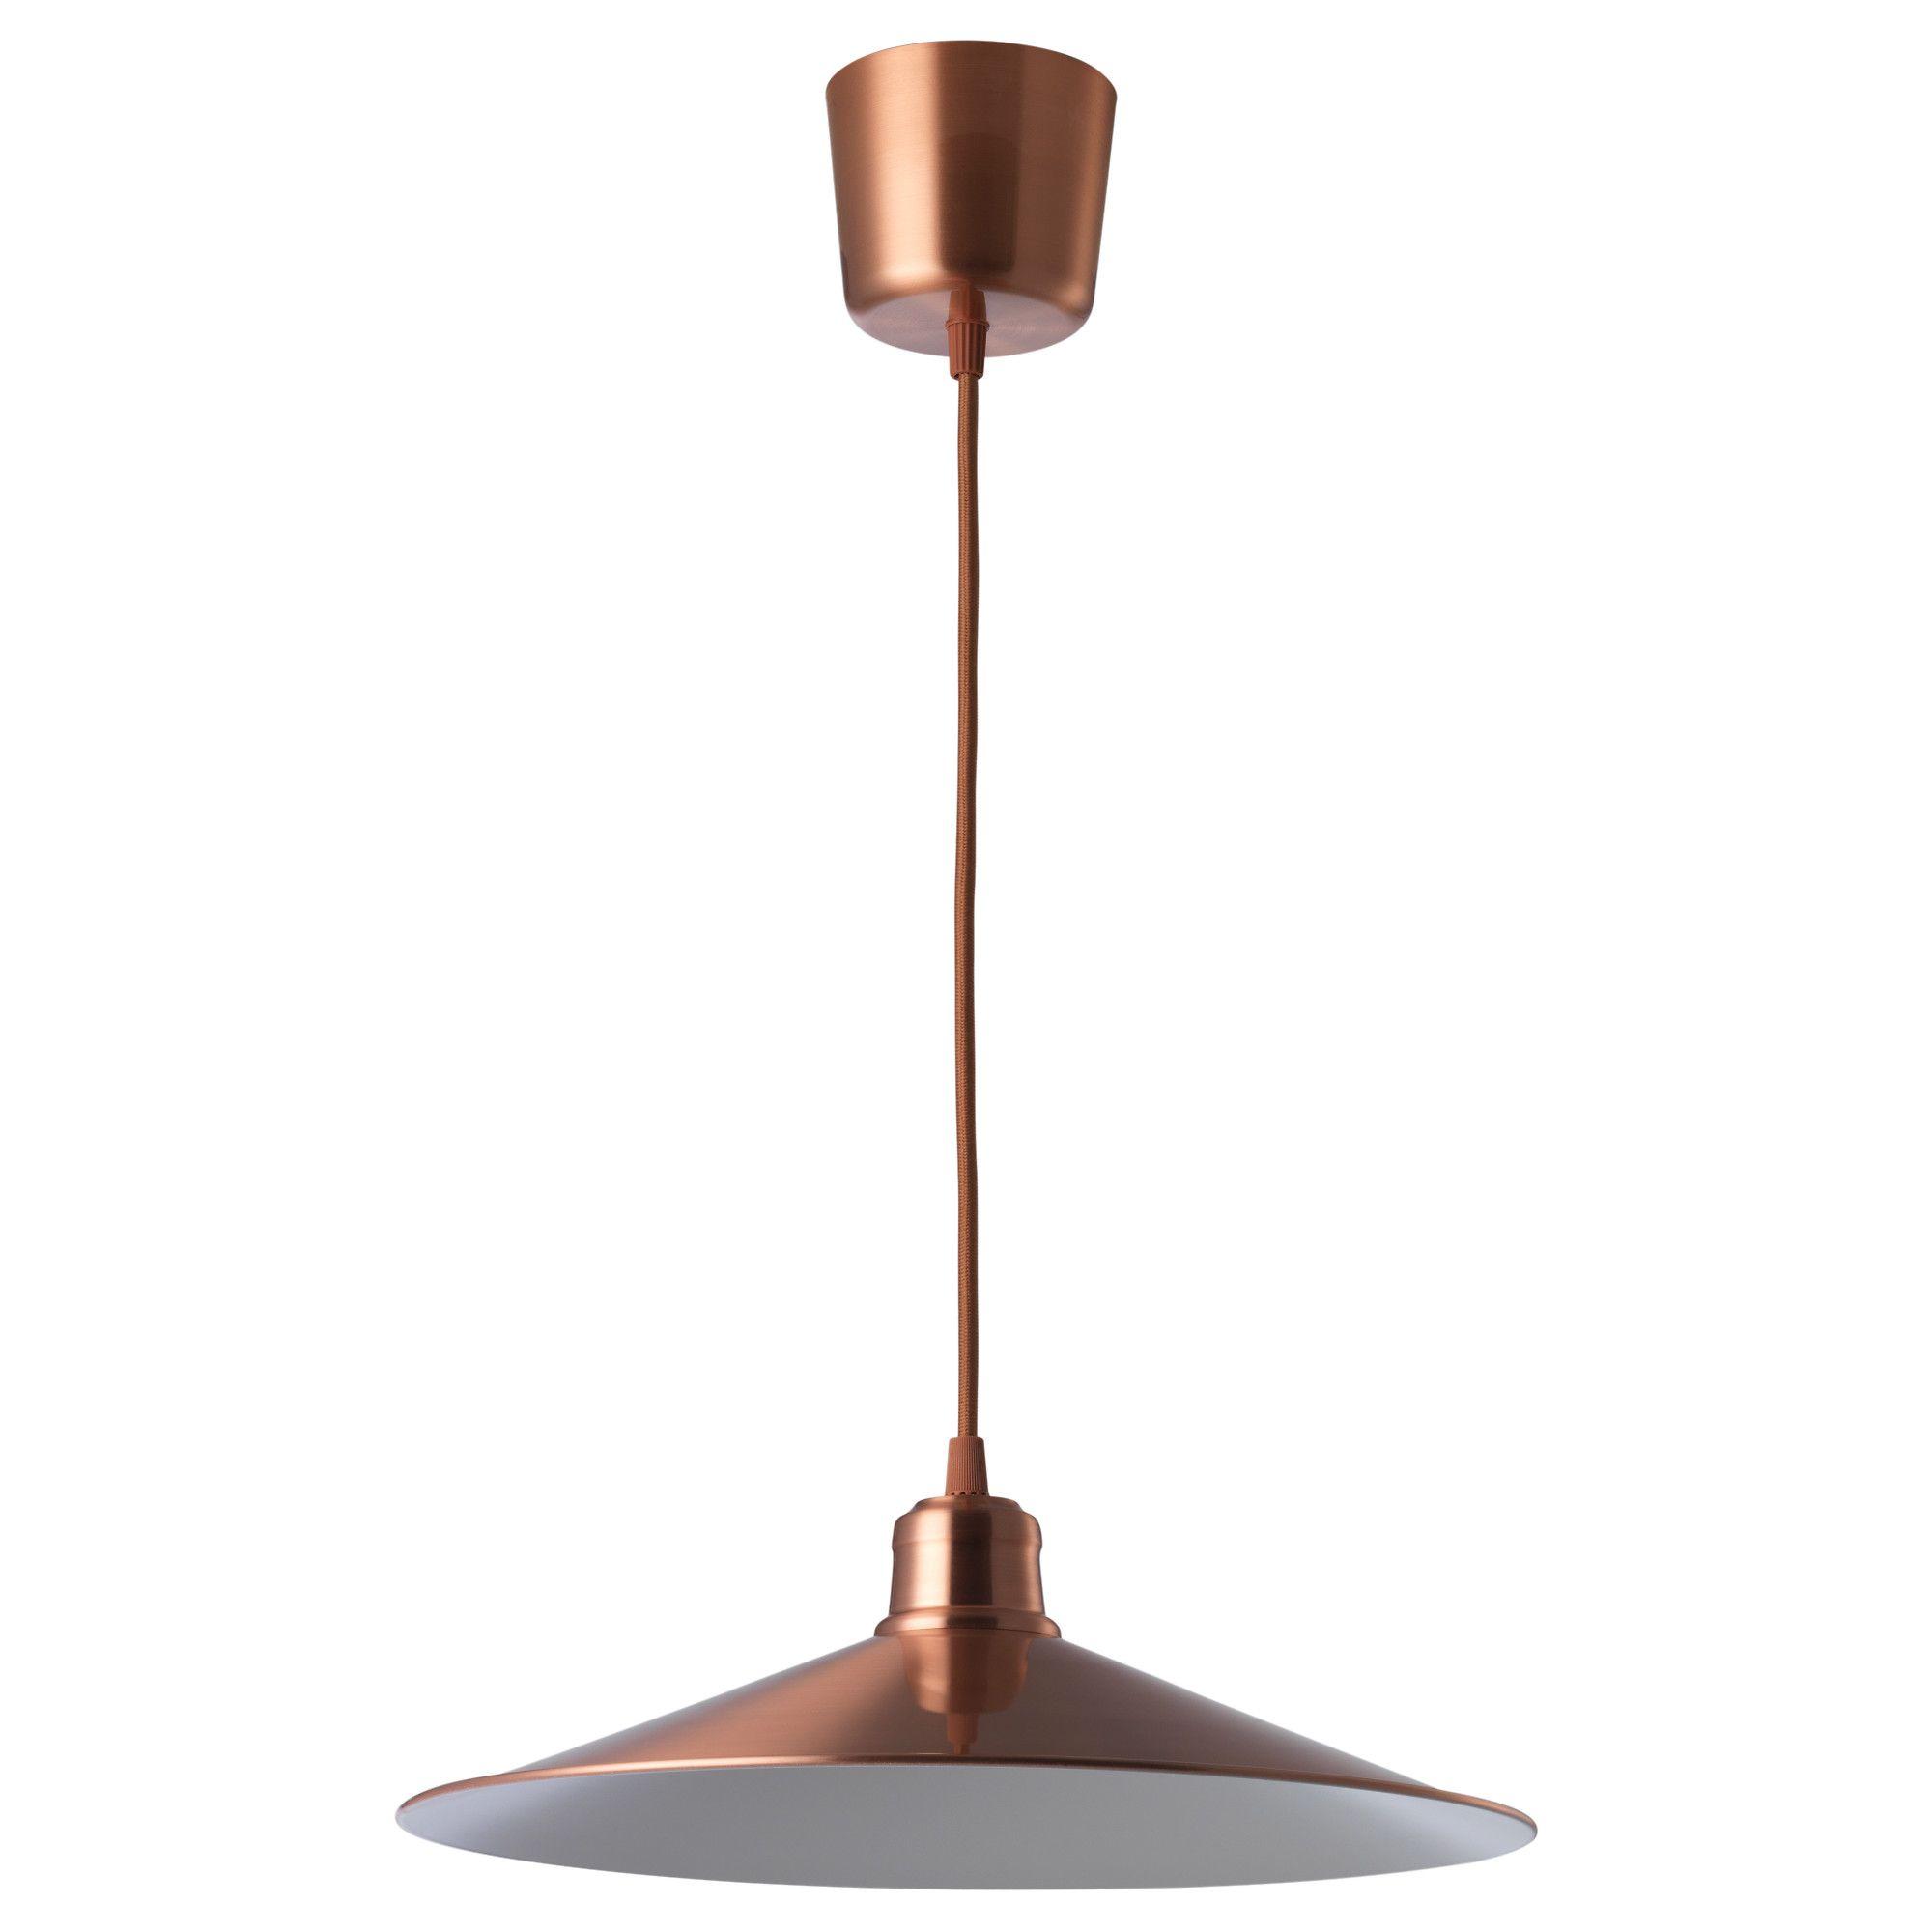 Full Size of Hängelampen Ikea Light Bulb Pendant Leuchte Square Hngelampen 3 Licht Küche Kaufen Kosten Betten 160x200 Bei Sofa Mit Schlaffunktion Miniküche Modulküche Wohnzimmer Hängelampen Ikea